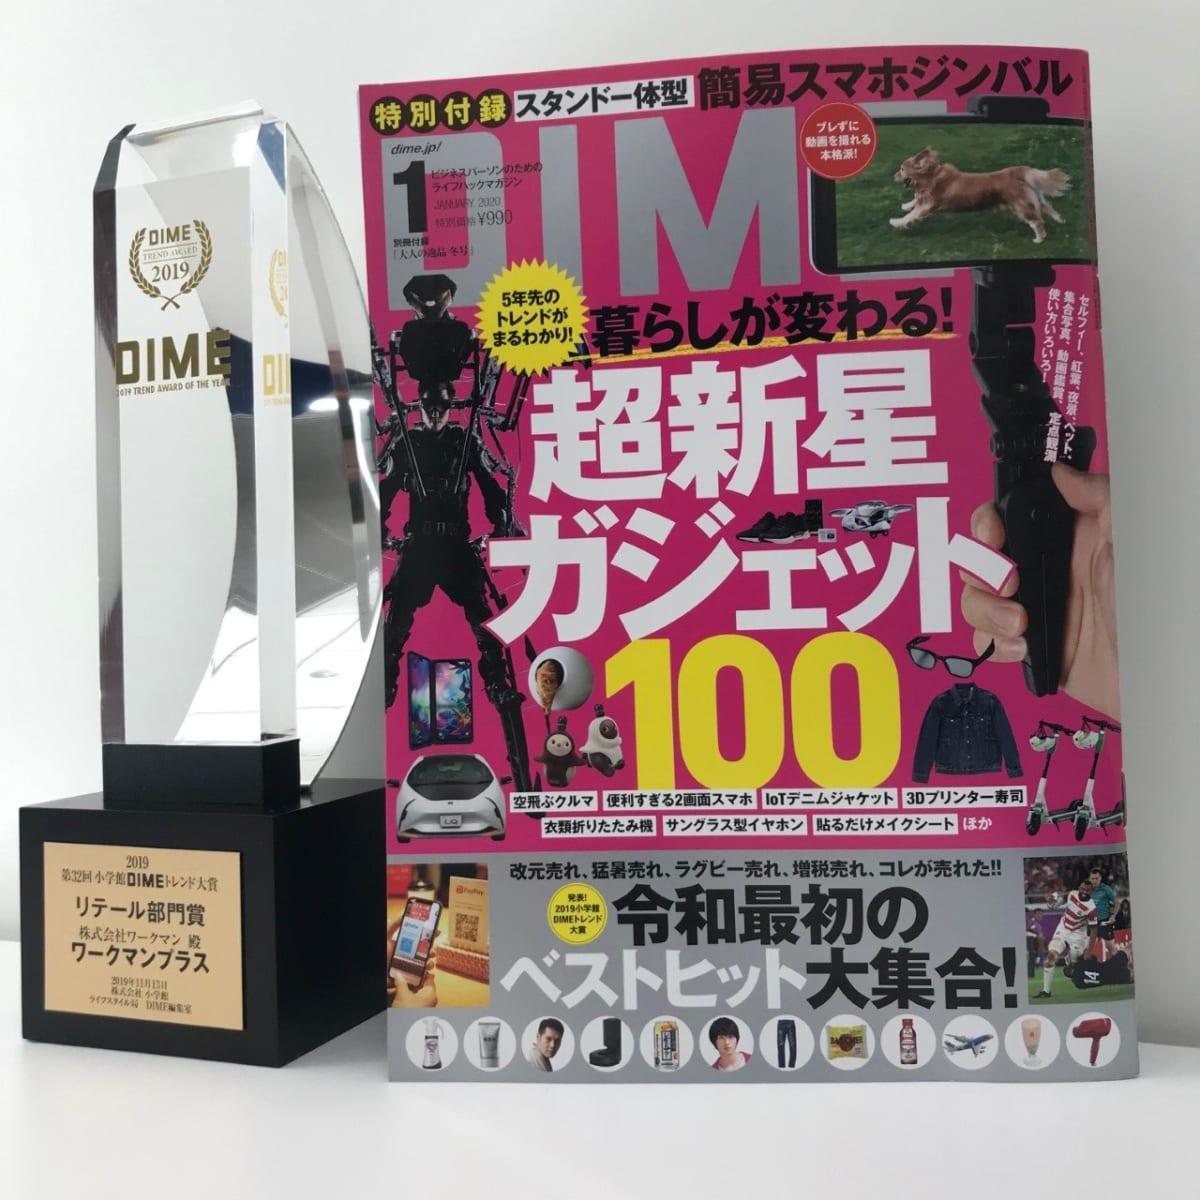 雑誌「DIME」とリテール賞トロフィー